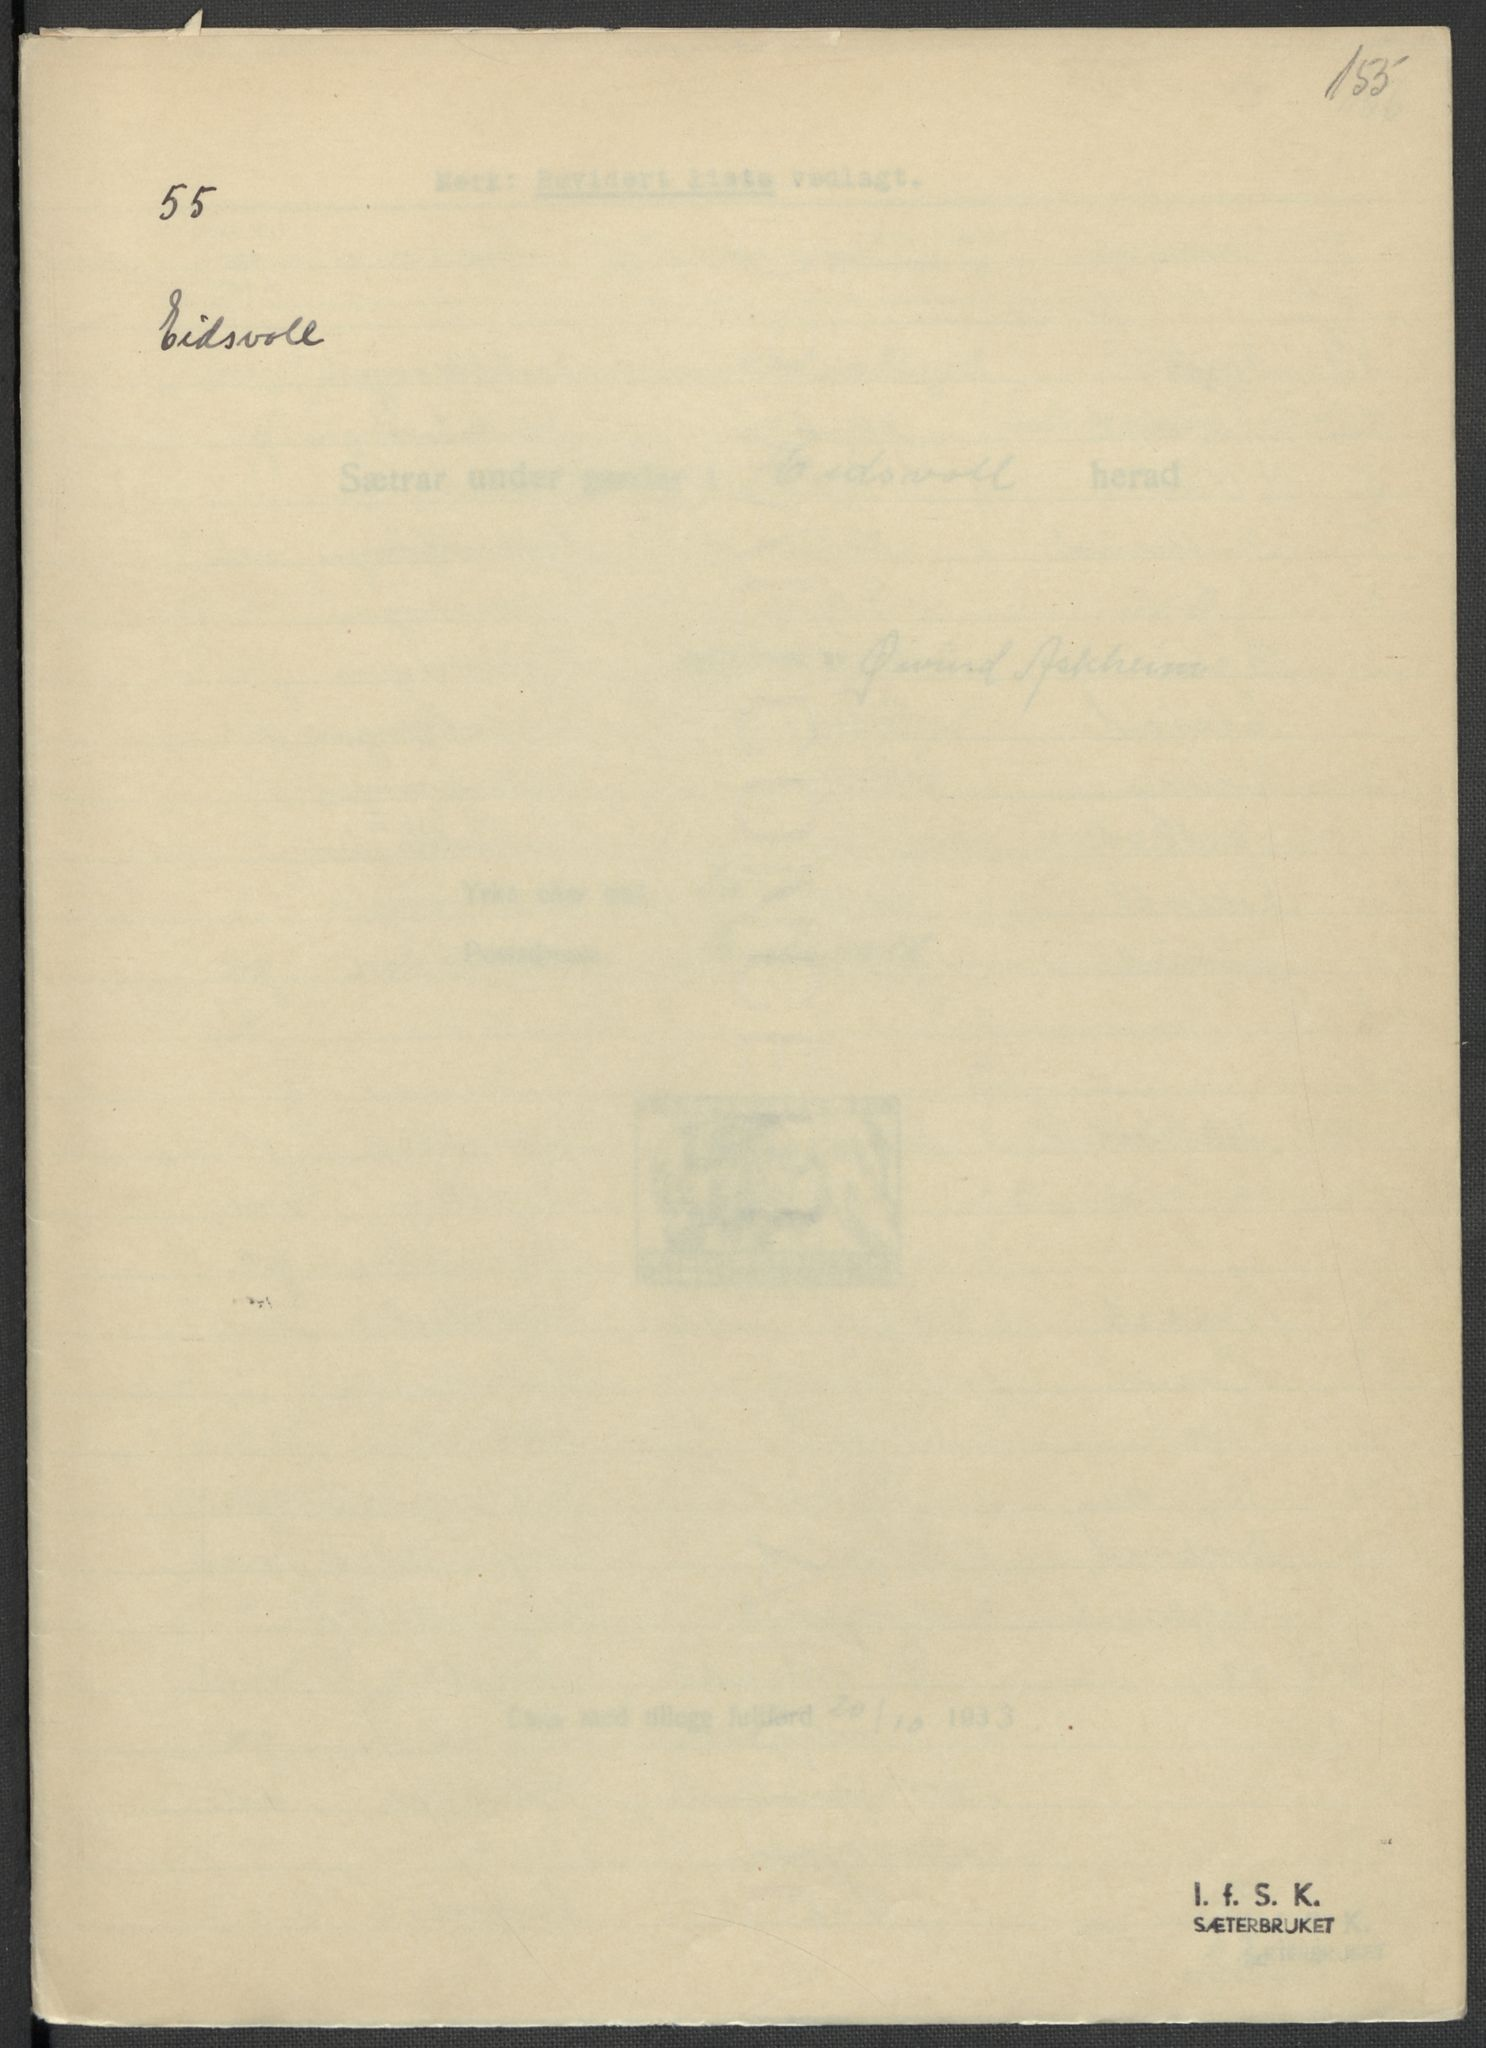 RA, Instituttet for sammenlignende kulturforskning, F/Fc/L0002: Eske B2:, 1932-1936, s. 155